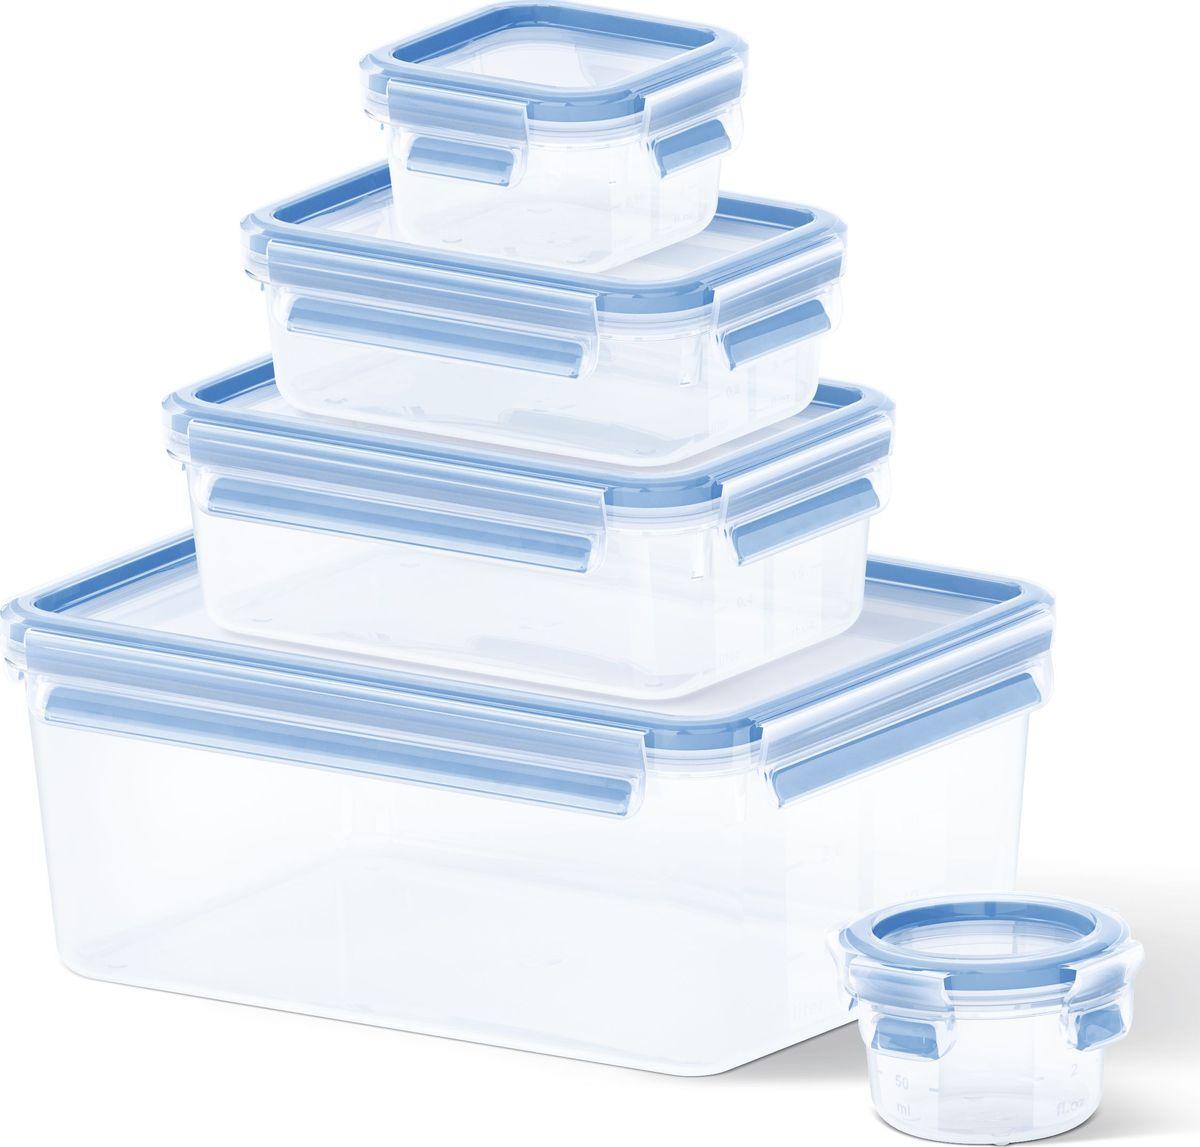 Набор контейнеров Emsa Clip&Close, 5 шт508568Набор контейнеров Emsa Clip&Close изготовлен из высококачественного антибактериального пищевого пластика, имеющего сертификат BPA-free, который выдерживает температуру от -40°С до +110°С, не впитывает запахи и не изменяет цвет. Это абсолютно гигиеничный продукт, который подходит для хранения даже детского питания. 100% герметичность - идеально не только для хранения, но и для транспортировки пищи. Герметичность достигается за счет специальных силиконовых прослоек, которые позволяют использовать контейнер для хранения не только пищи, но и жидкости. В таком контейнере продукты долгое время сохраняют свою свежесть - до 4-х раз дольше по сравнению с обычными, в том числе и вакуумными контейнерами. 100% гигиеничность - уникальная технология применения медицинского силикона в уплотнителе крышки: никаких полостей - никаких микробов. Изделие снабжено крышкой, плотно закрывающейся на 4 защелки. 100% удобство - прозрачные стенки позволяют просматривать содержимое, сохранение пространства за счёт лёгкой установки контейнеров друг на друга. Изделие подходит для домашнего использования, для пикников, поездок, отдыха на природе, его можно взять с собой на работу или учебу. Можно использовать в СВЧ-печах, холодильниках, посудомоечных машинах, морозильных камерах.Размер контейнеров: 0,15 л - 9,2 x 5,9 см0,25 л - 10,2 x 10,2 x 5,9 см0,55 л - 16,3 x 11,3 x 5,8 см1 л - 19,7 x 13,6 x 7,2 см3,7 л - 26,3 x 19,5 x 11 см.